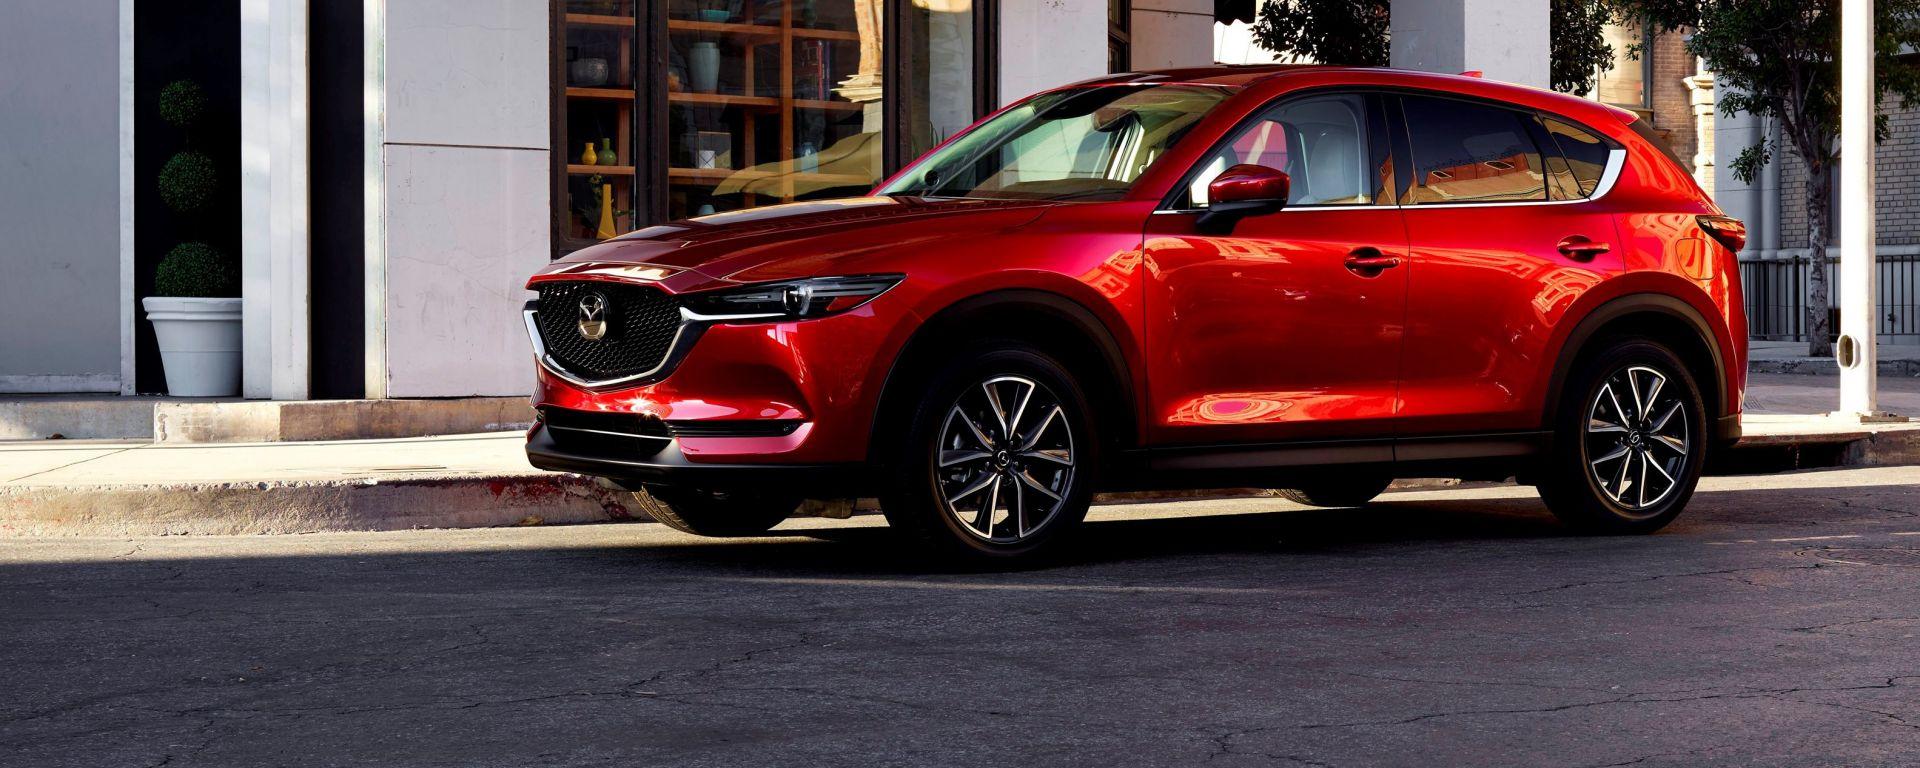 La nuova Mazda CX-5 debutta al salone di Los Angeles